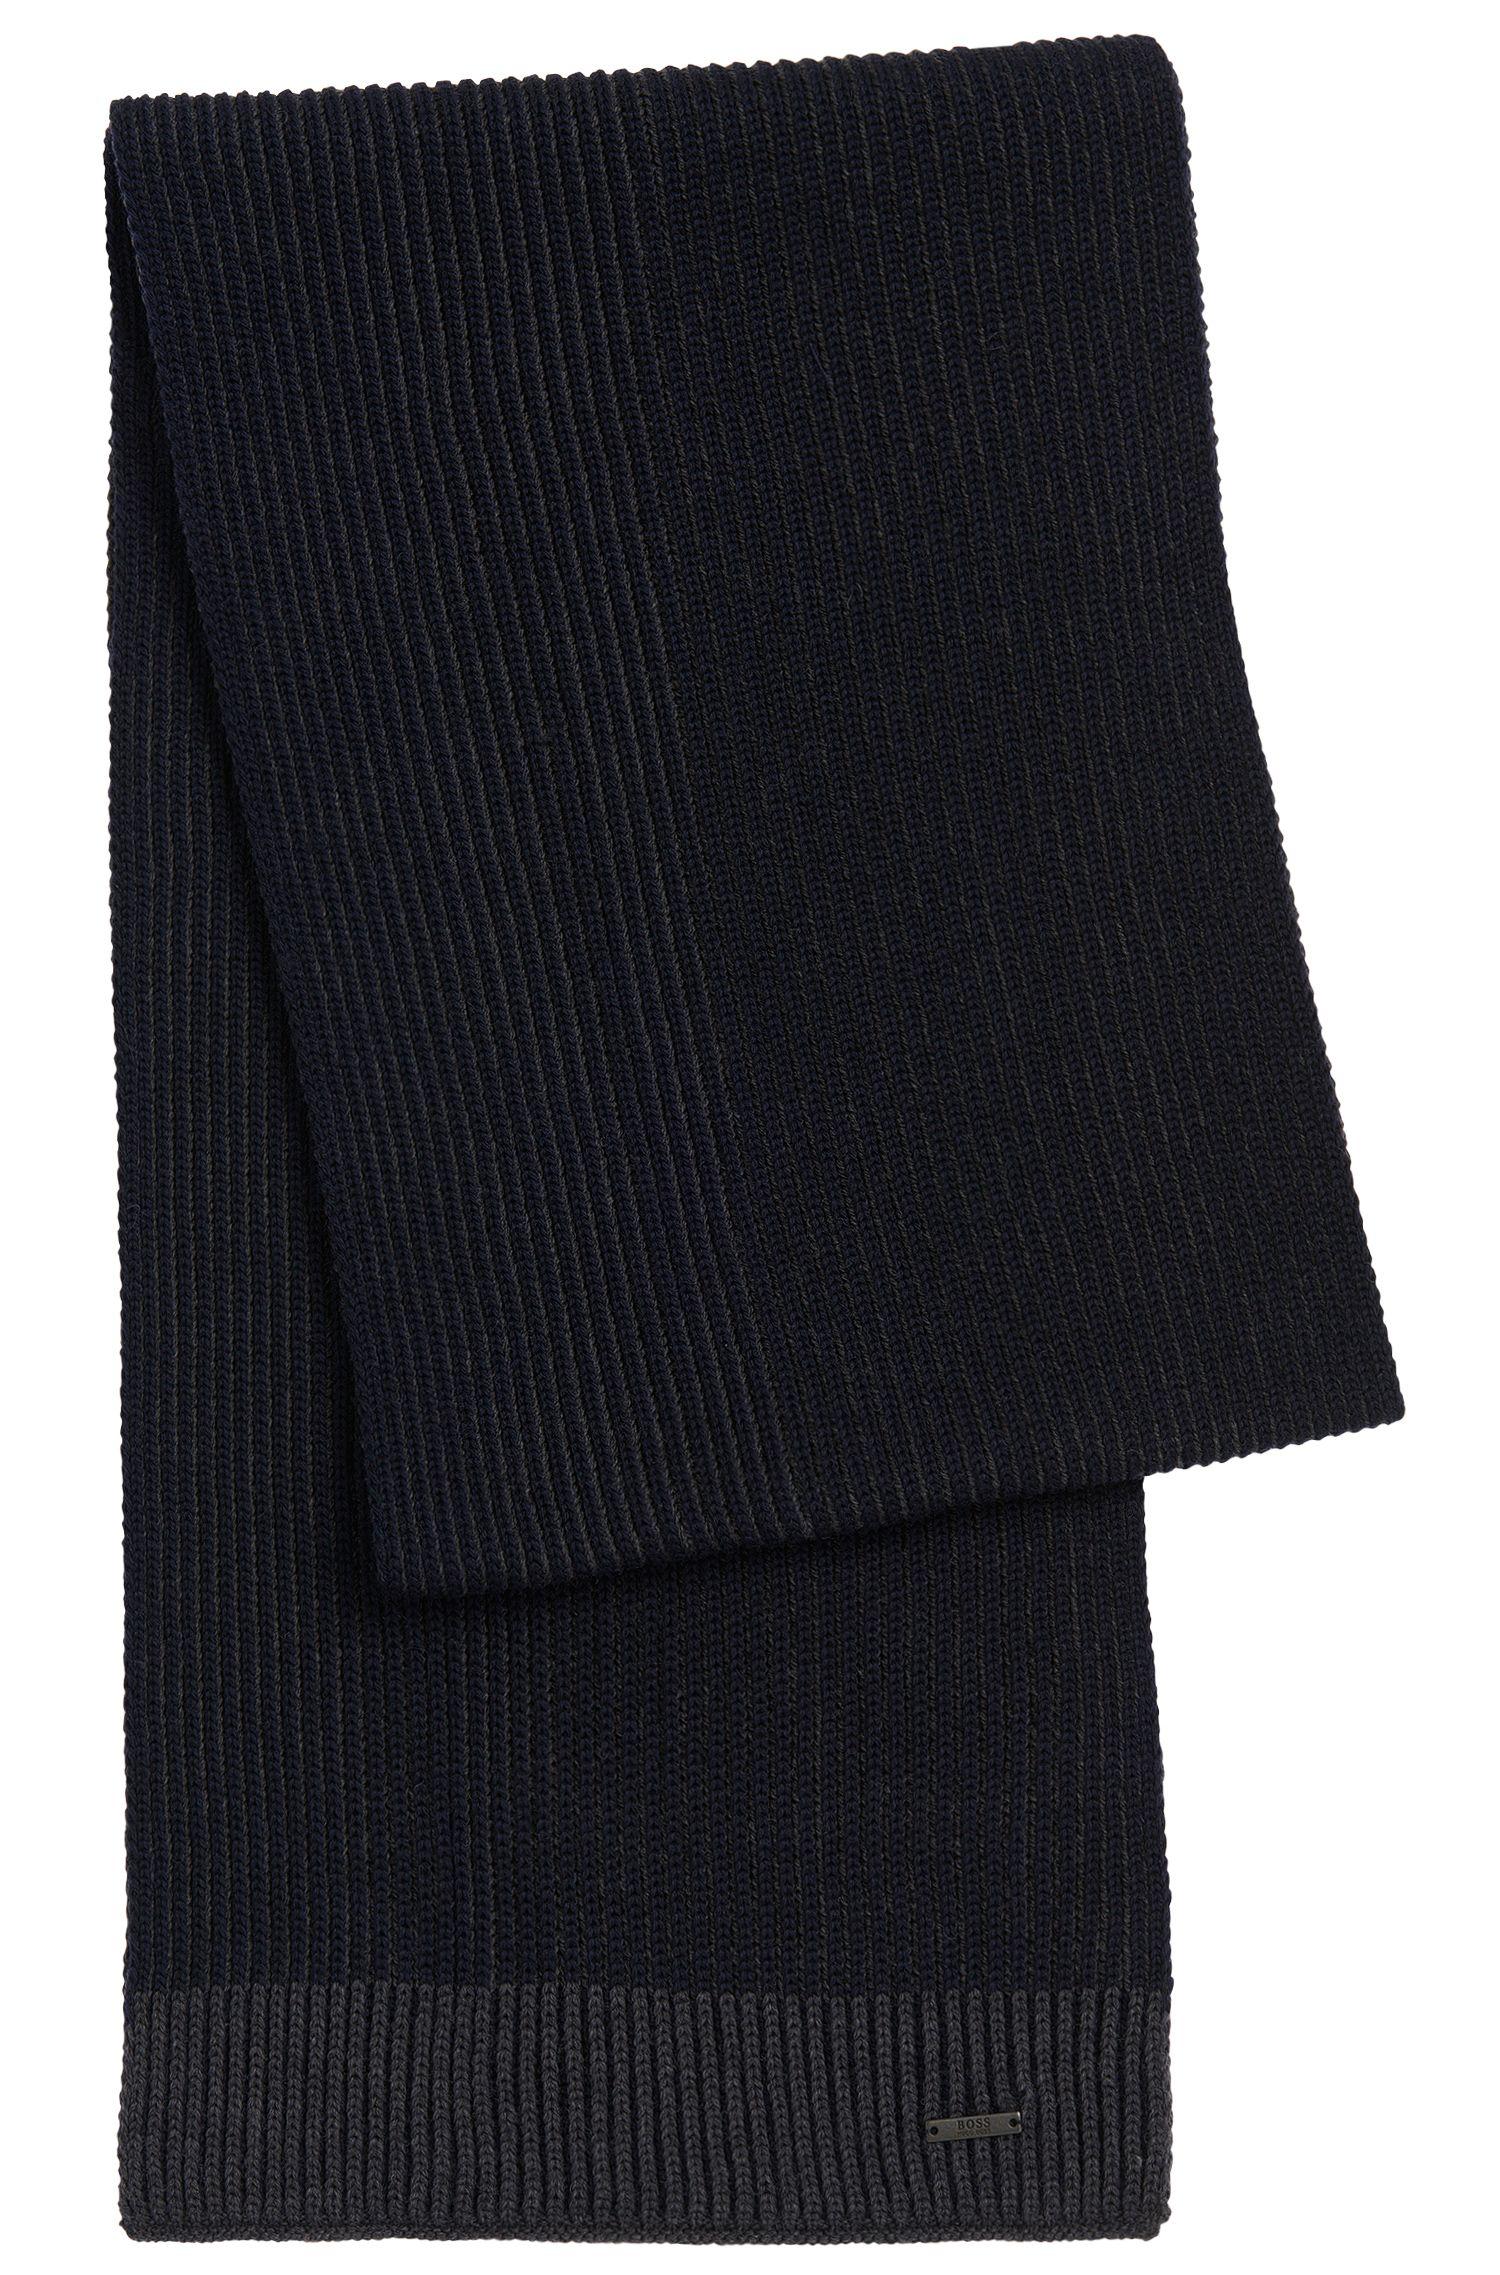 Virgin Wool Contrast Knit Scarf | Balios